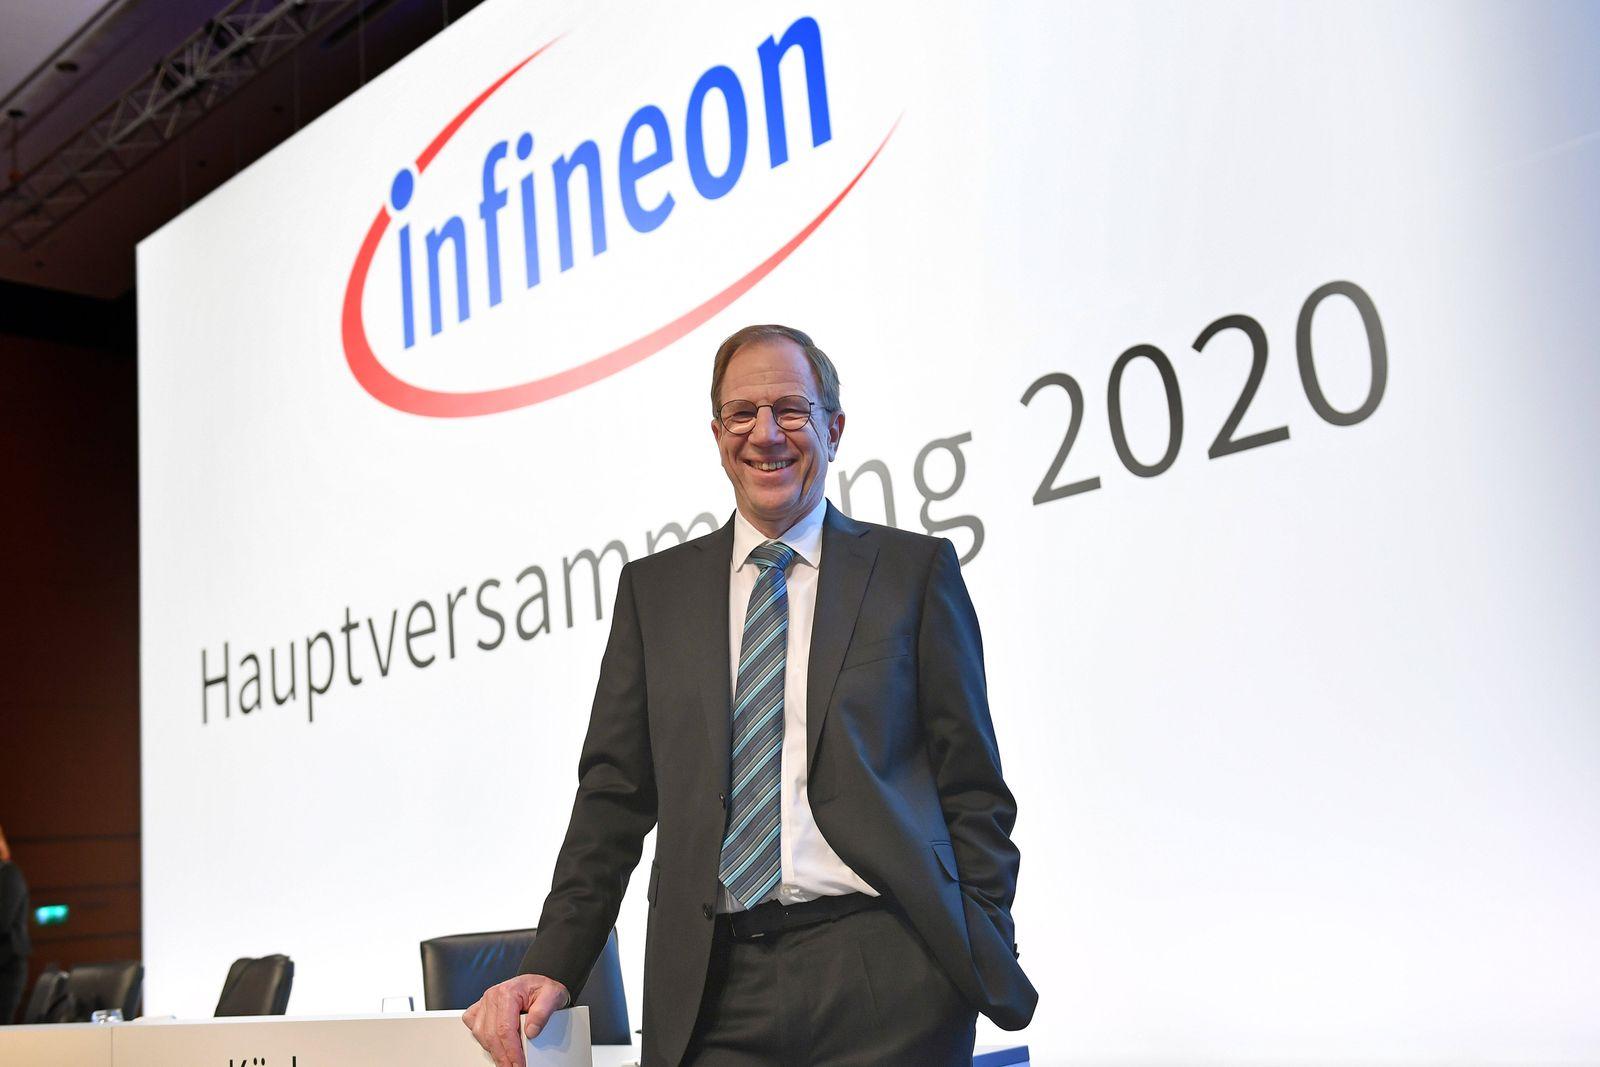 Dr. Reinhard Ploss (Vorsitzender des Vorstands), Einzelbild,angeschnittenes Einzelmotiv,Halbfigur,halbe Figur, vor Logo